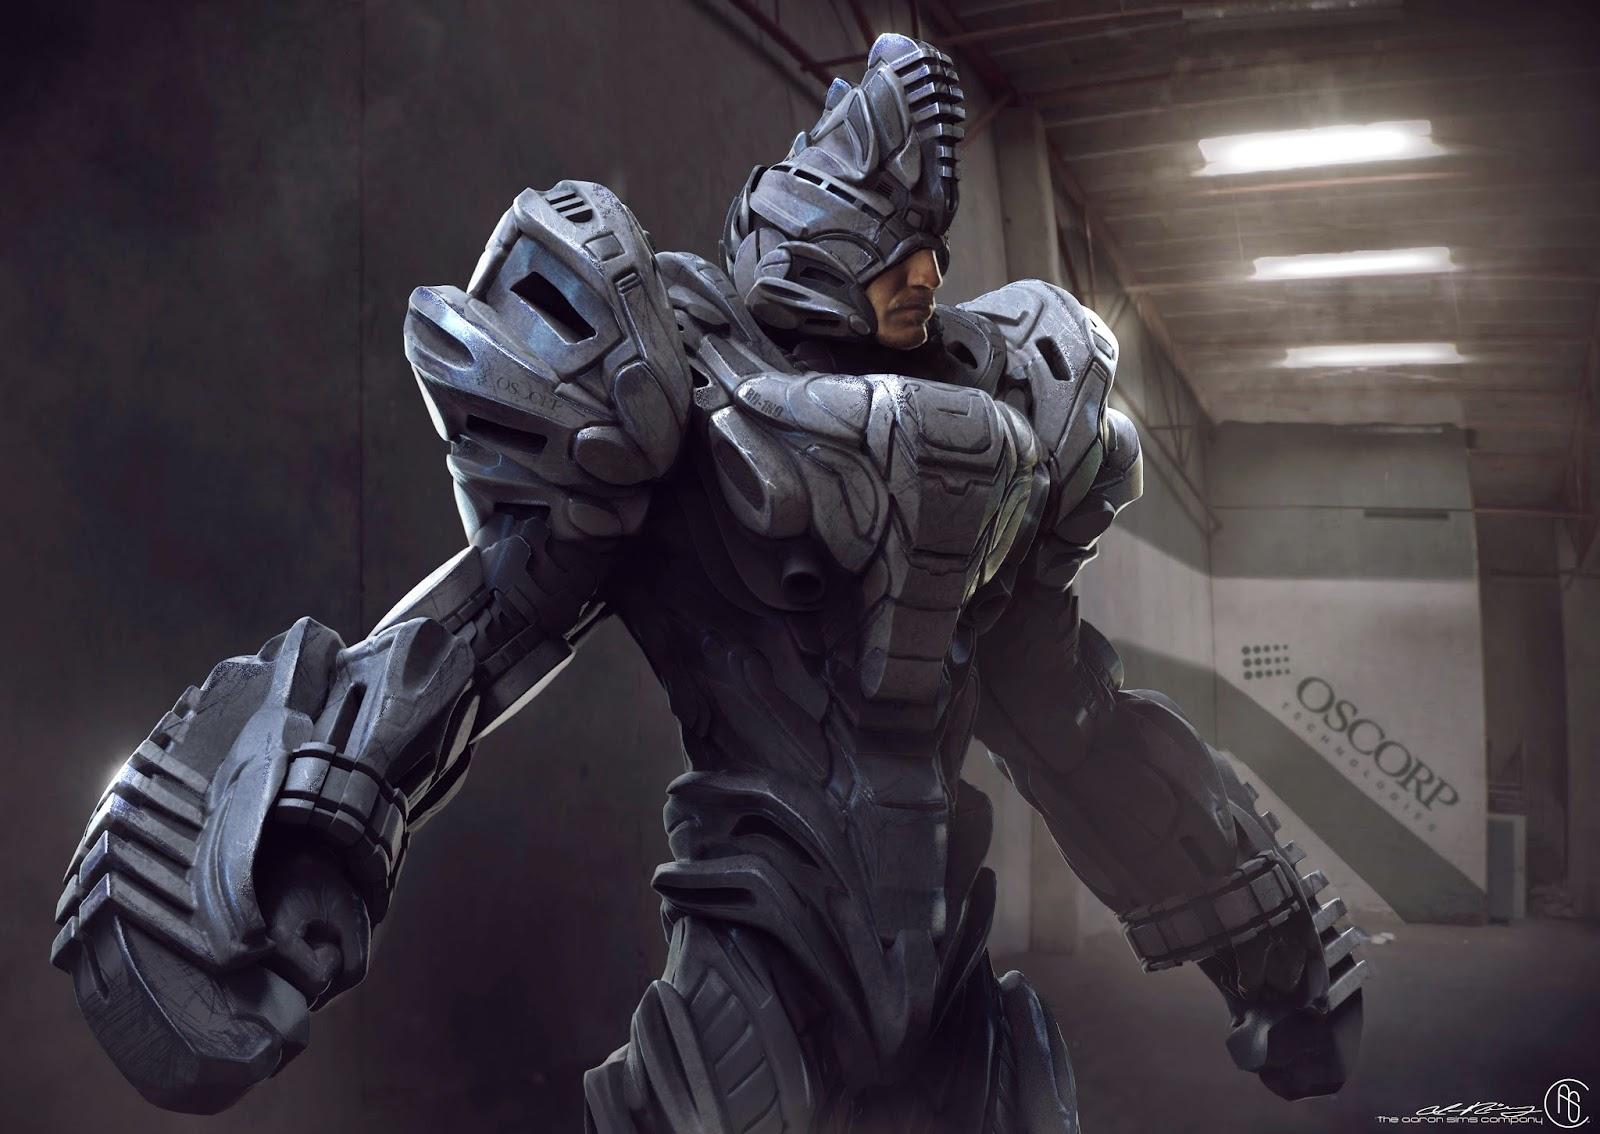 Paul Giamatti in The Rhino Suit - Amazing Spider-Man 2 ... |The Amazing Spider Man 2 Rhino Suit